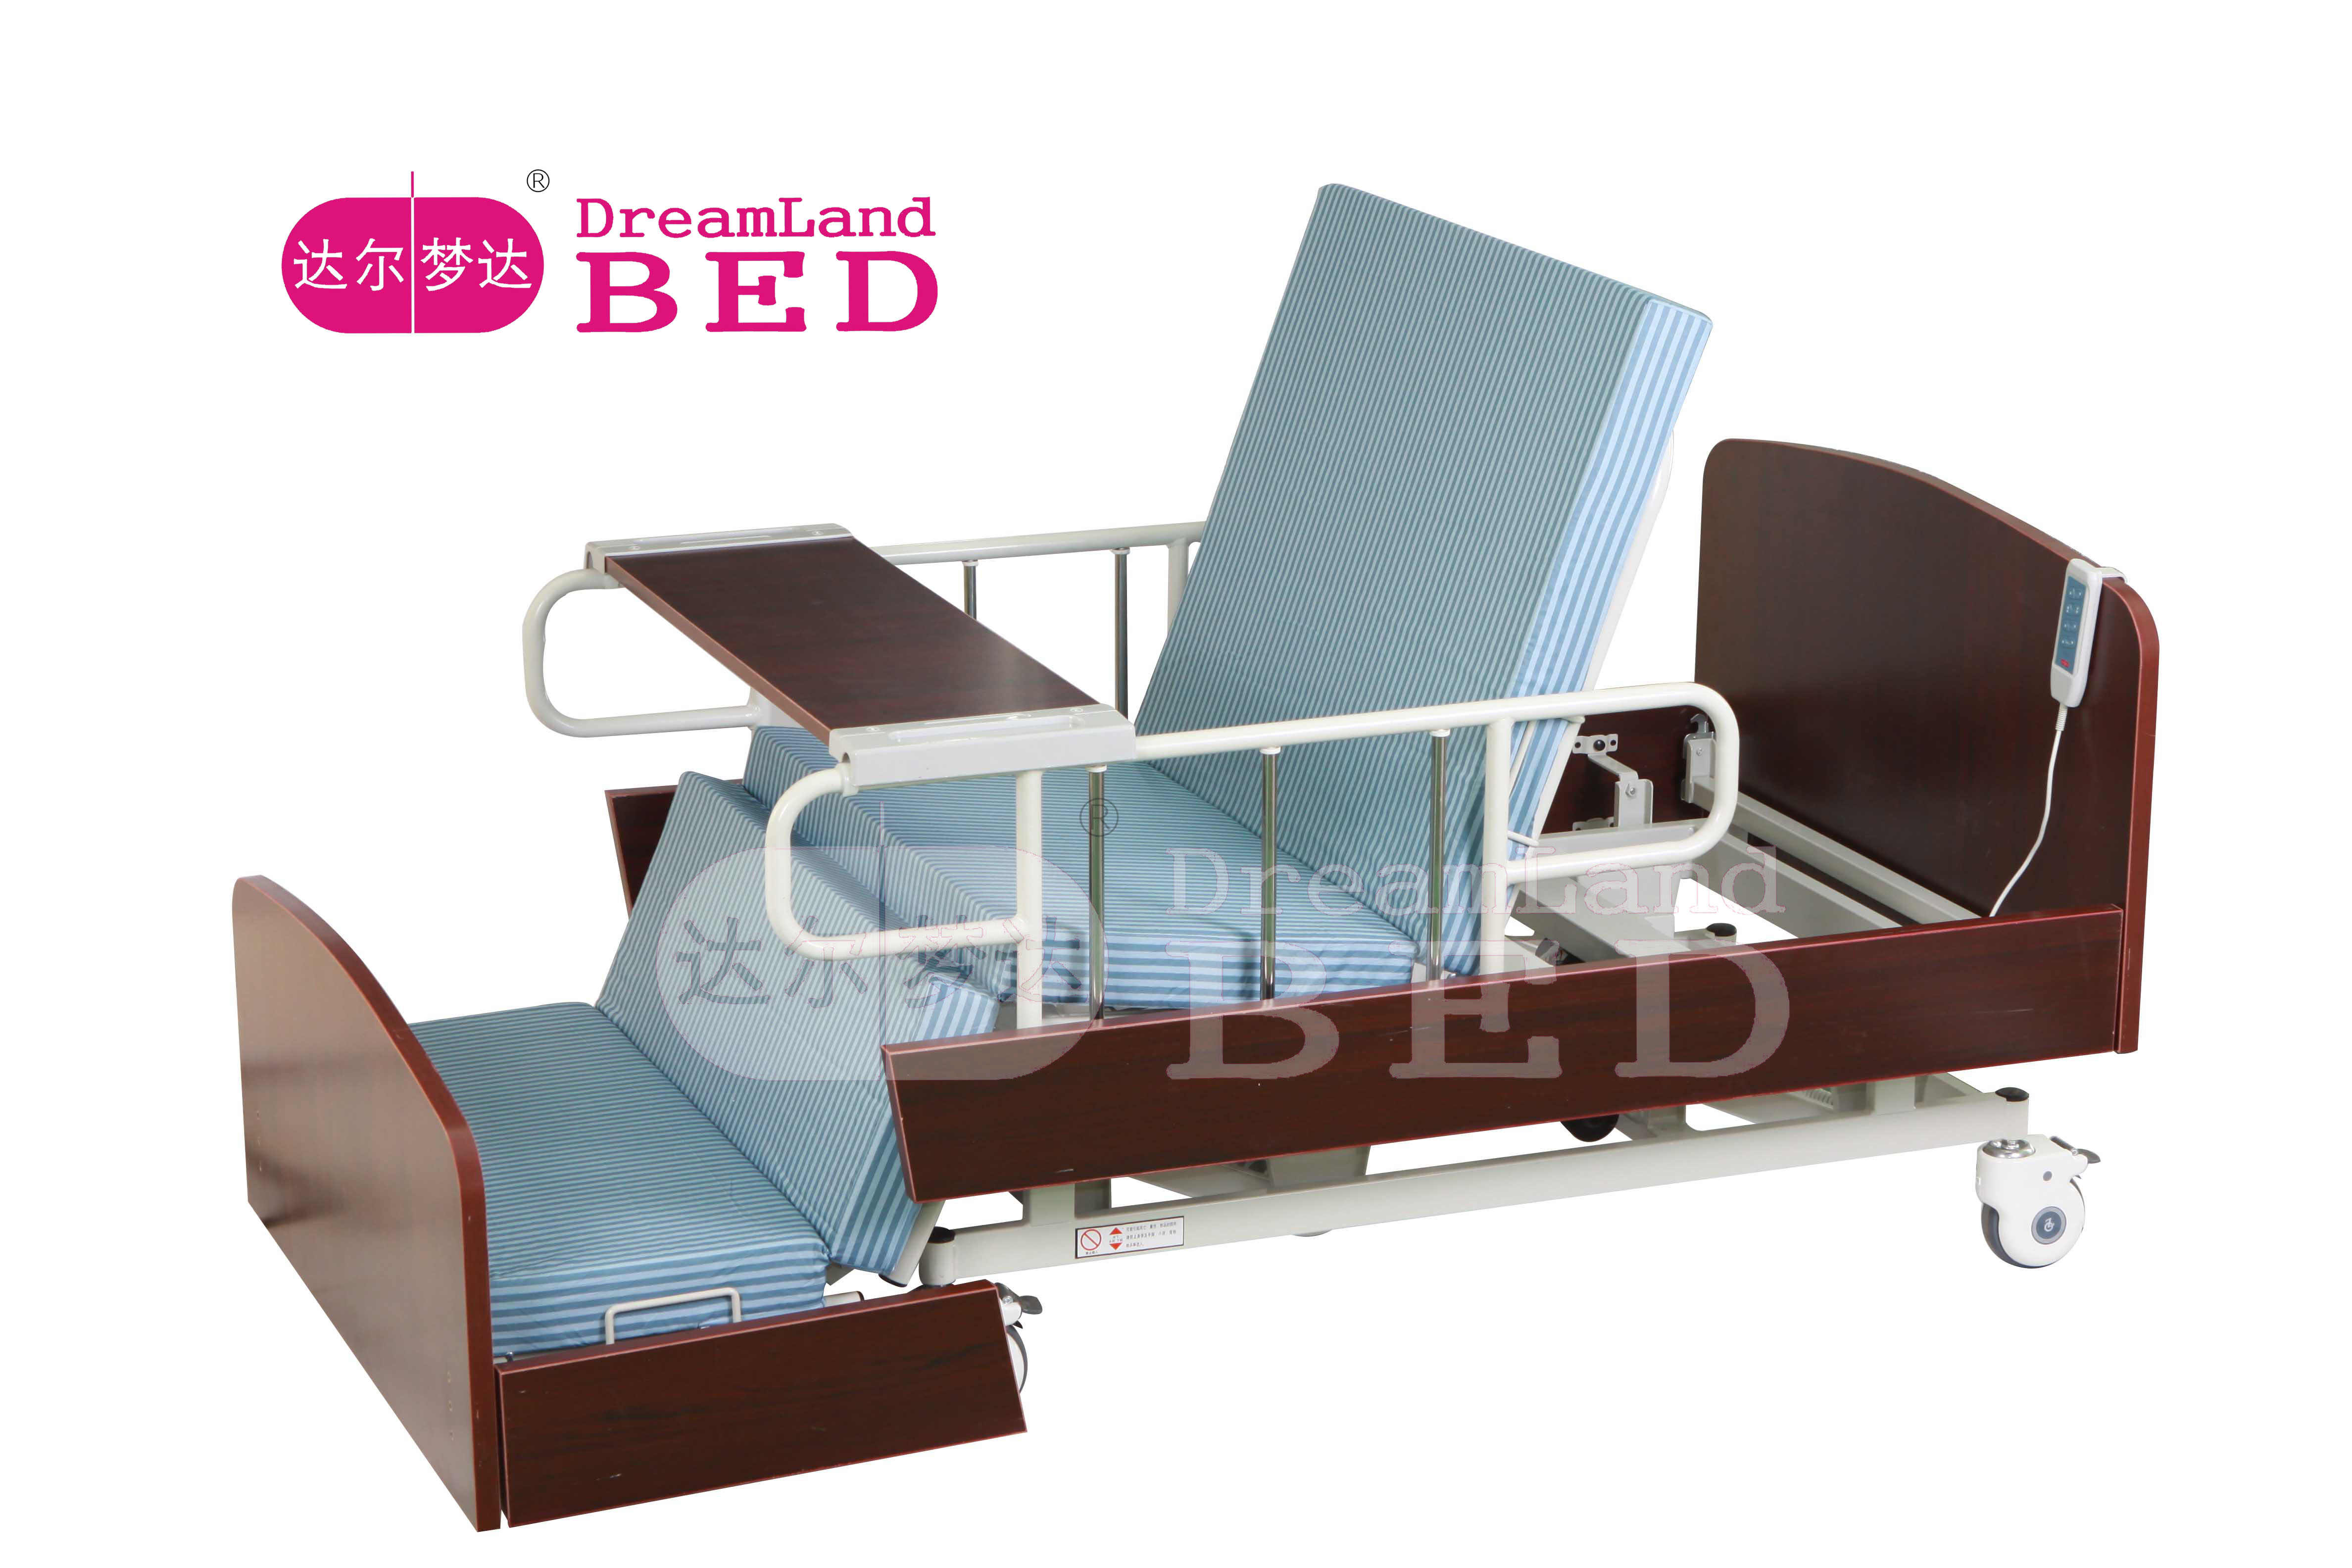 达尔梦达 DB-3AM 家用电动护理床  病床 高端护理床 包邮(图5)